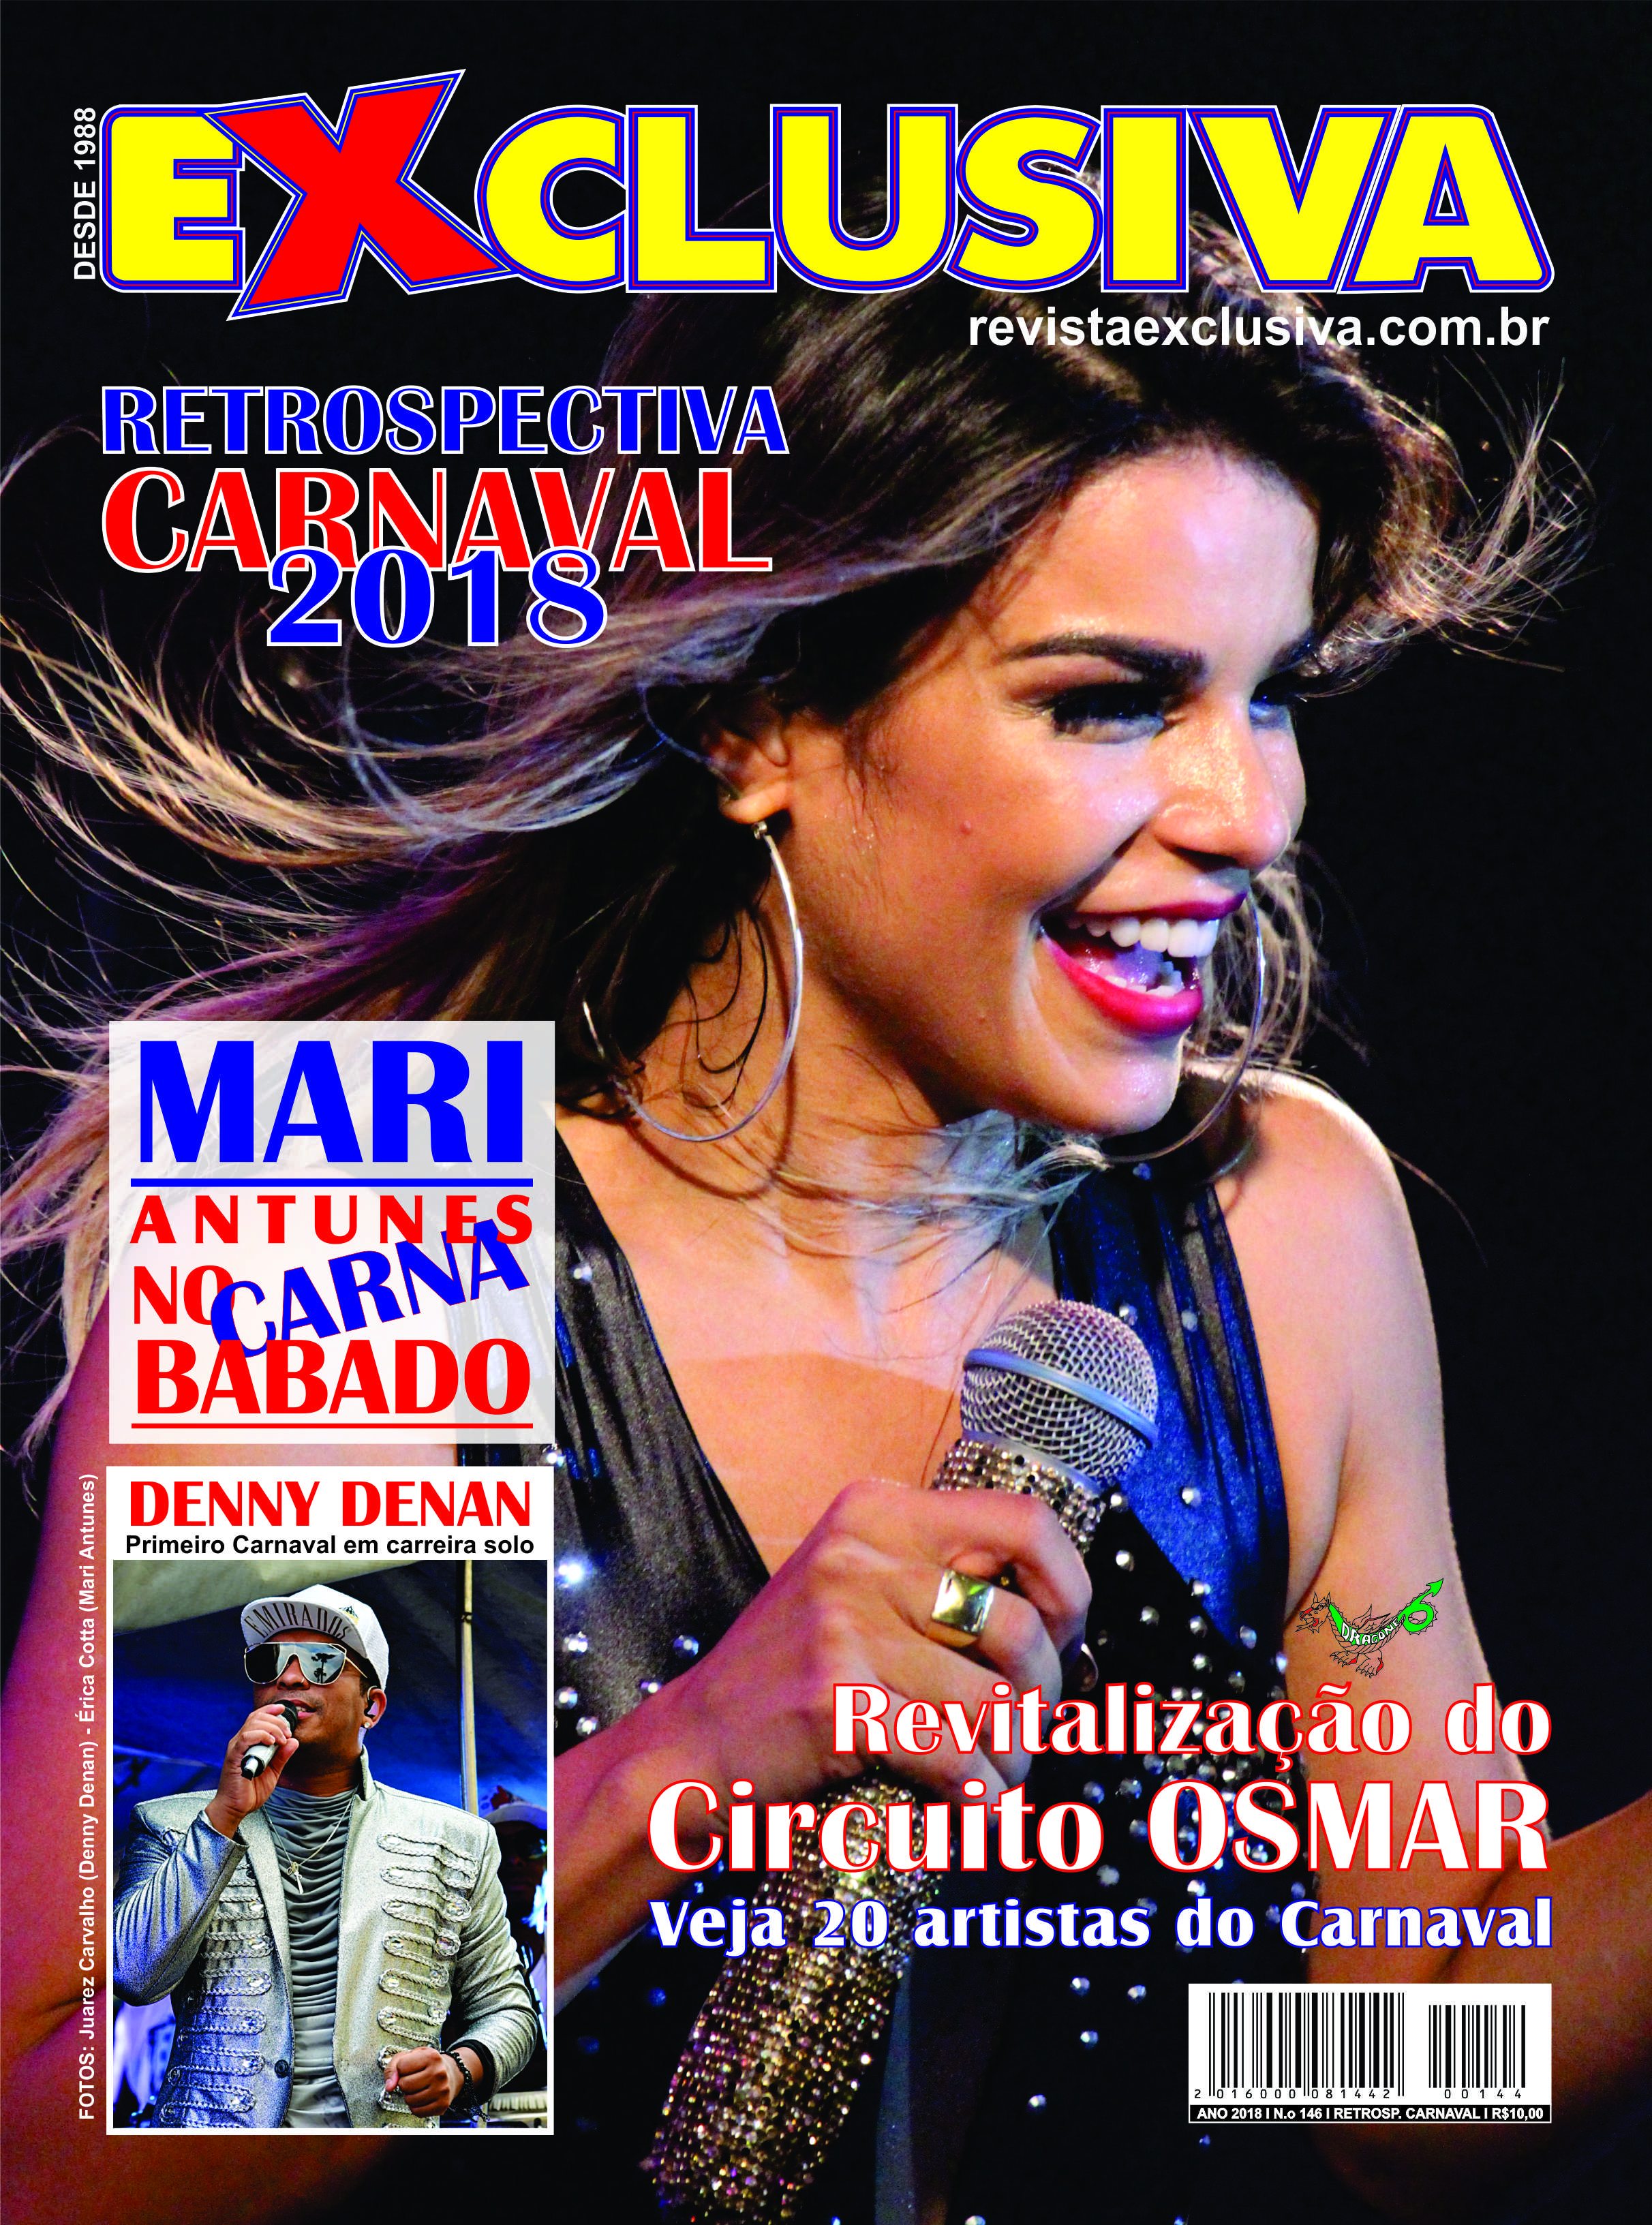 Capa da Edição Especial Retrospectiva do Carnaval de Salvador de 2108